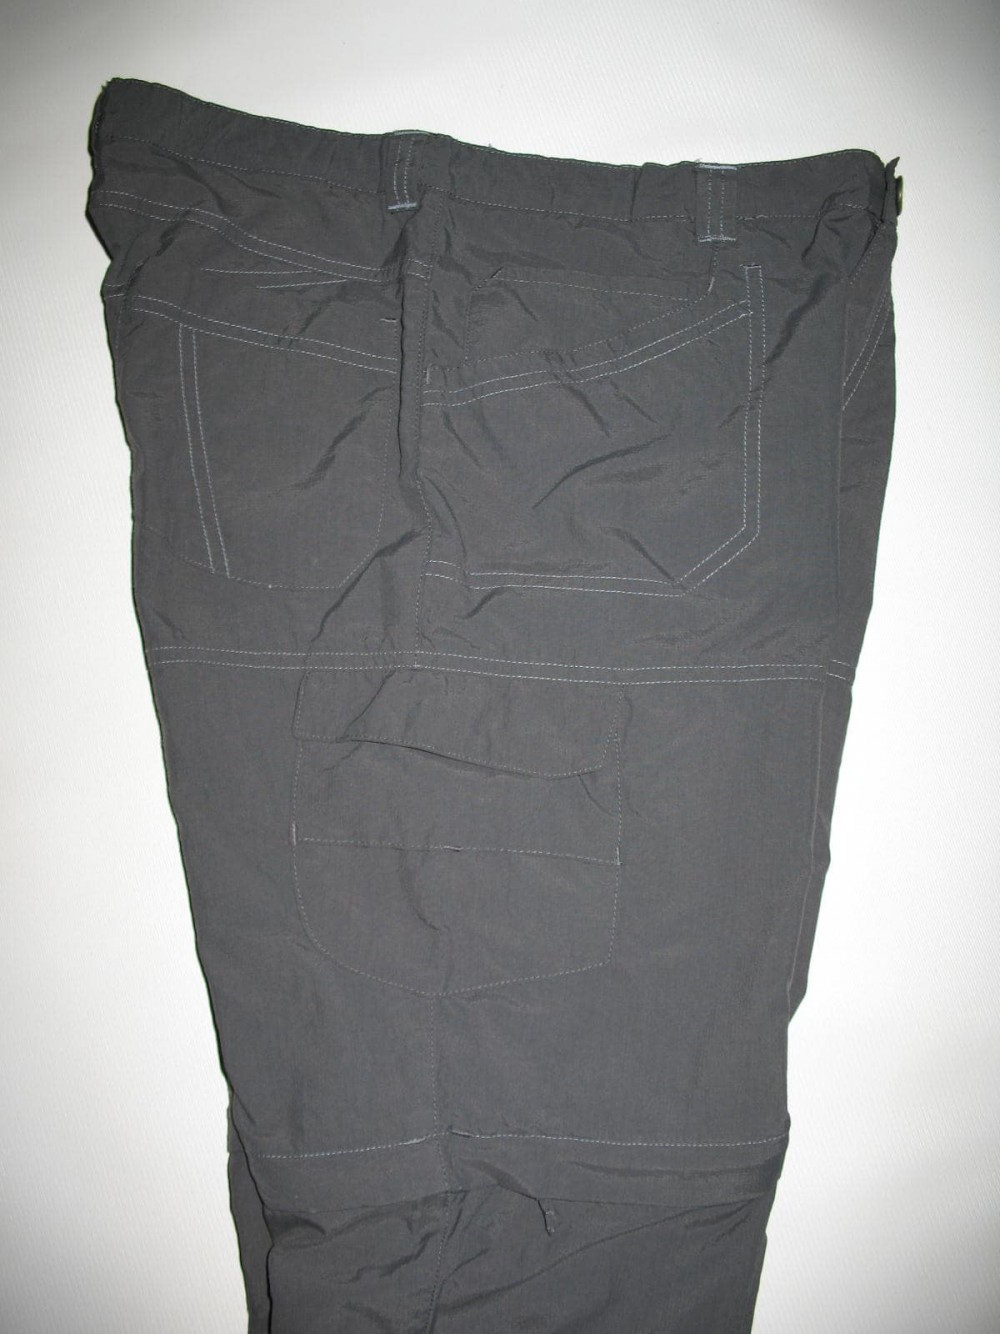 Штаны McKINLEY 2in1 pants lady (размер М) - 7